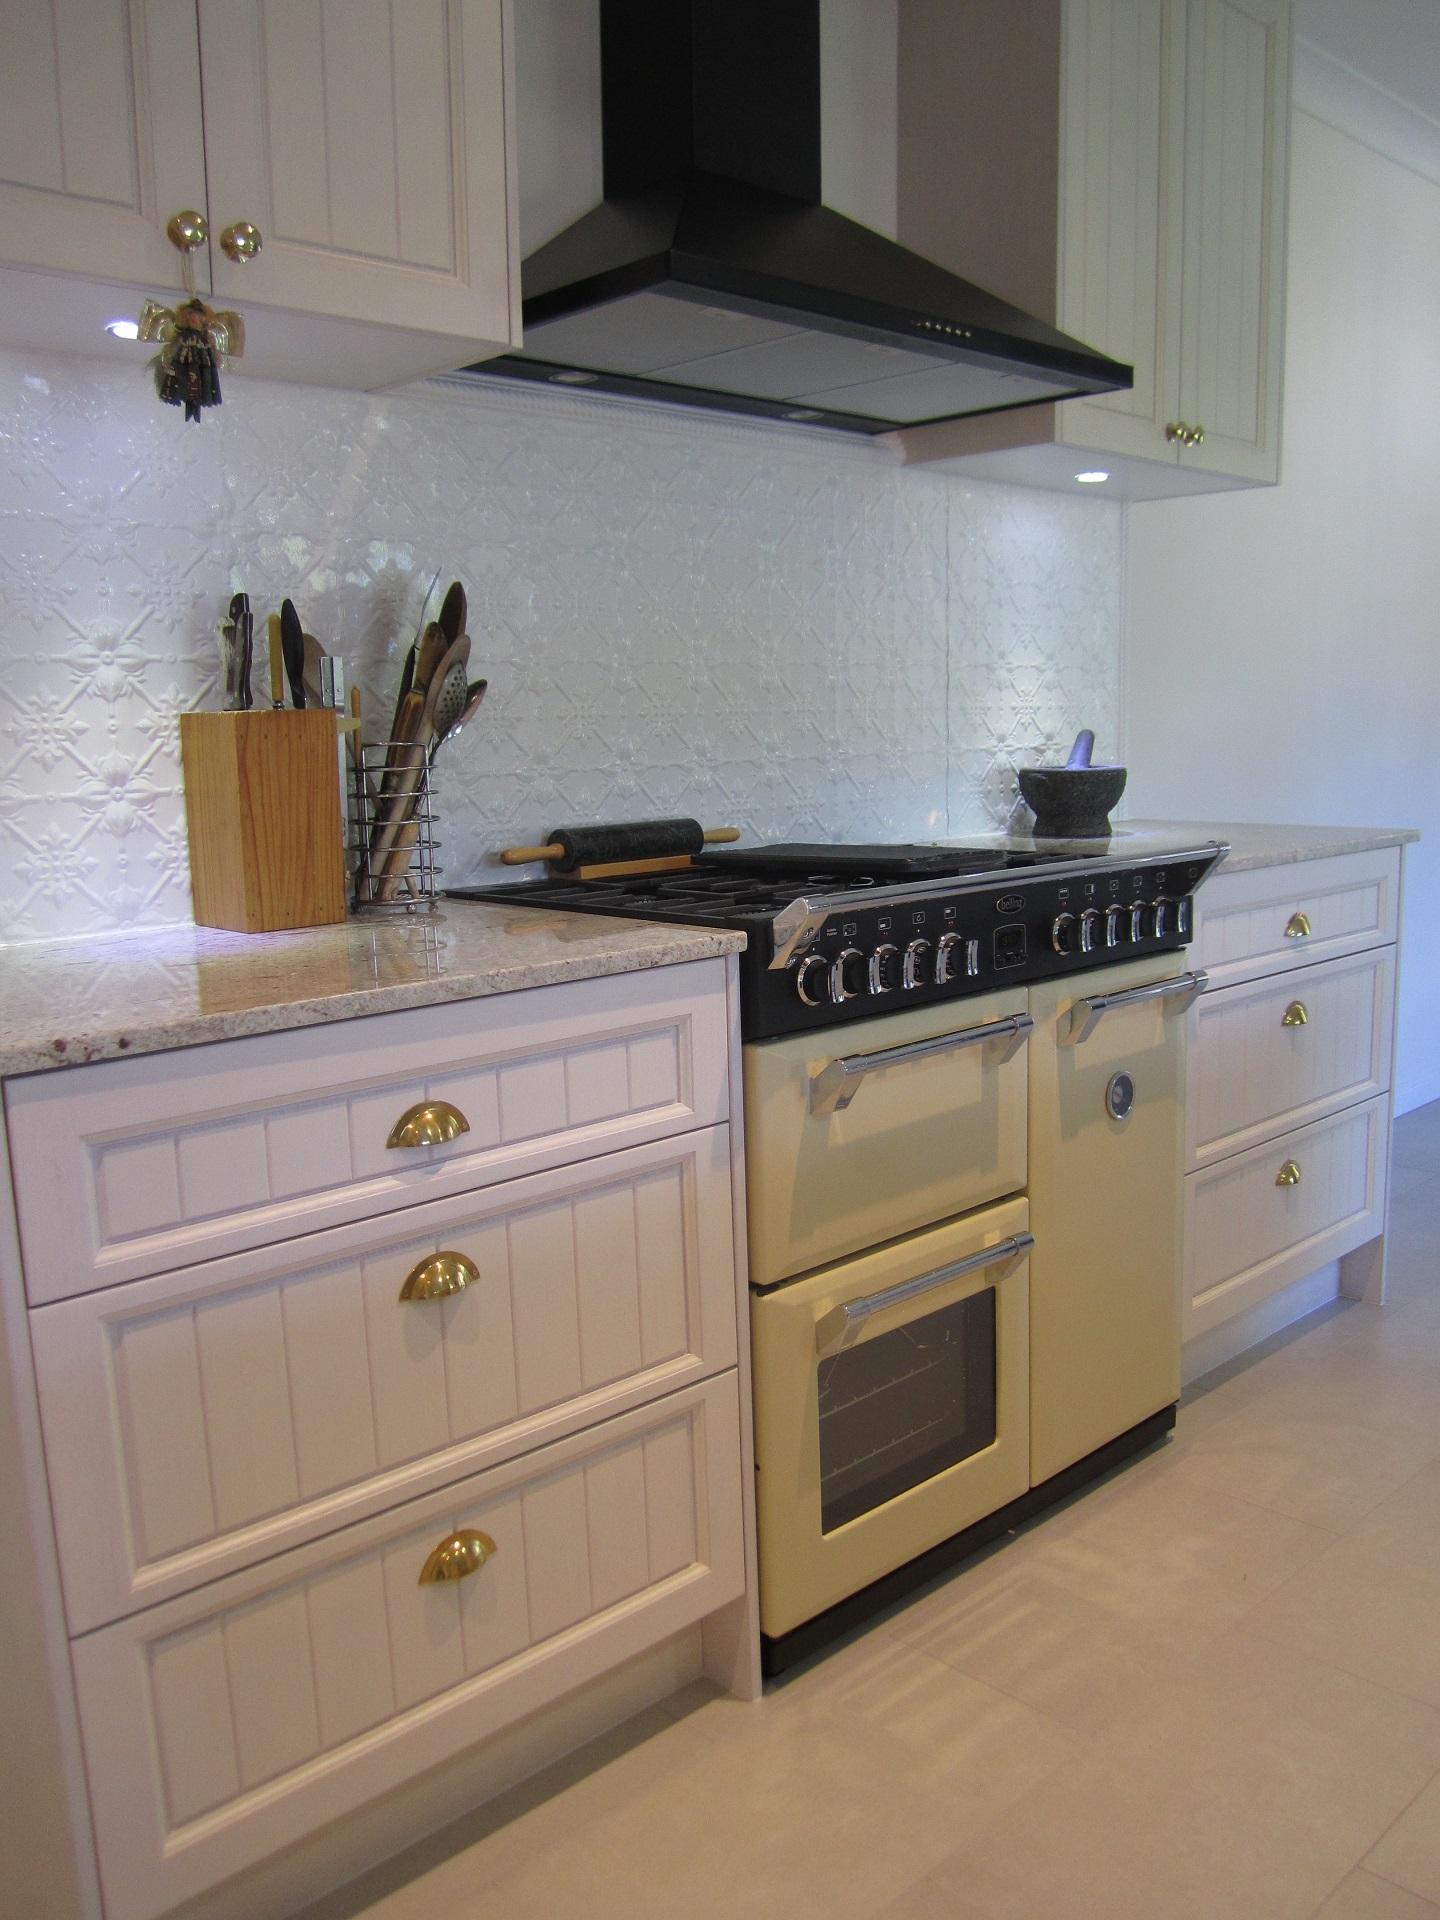 brisbane-kitchen-design-brookfield-shaker-vj-traditional-kitchen10